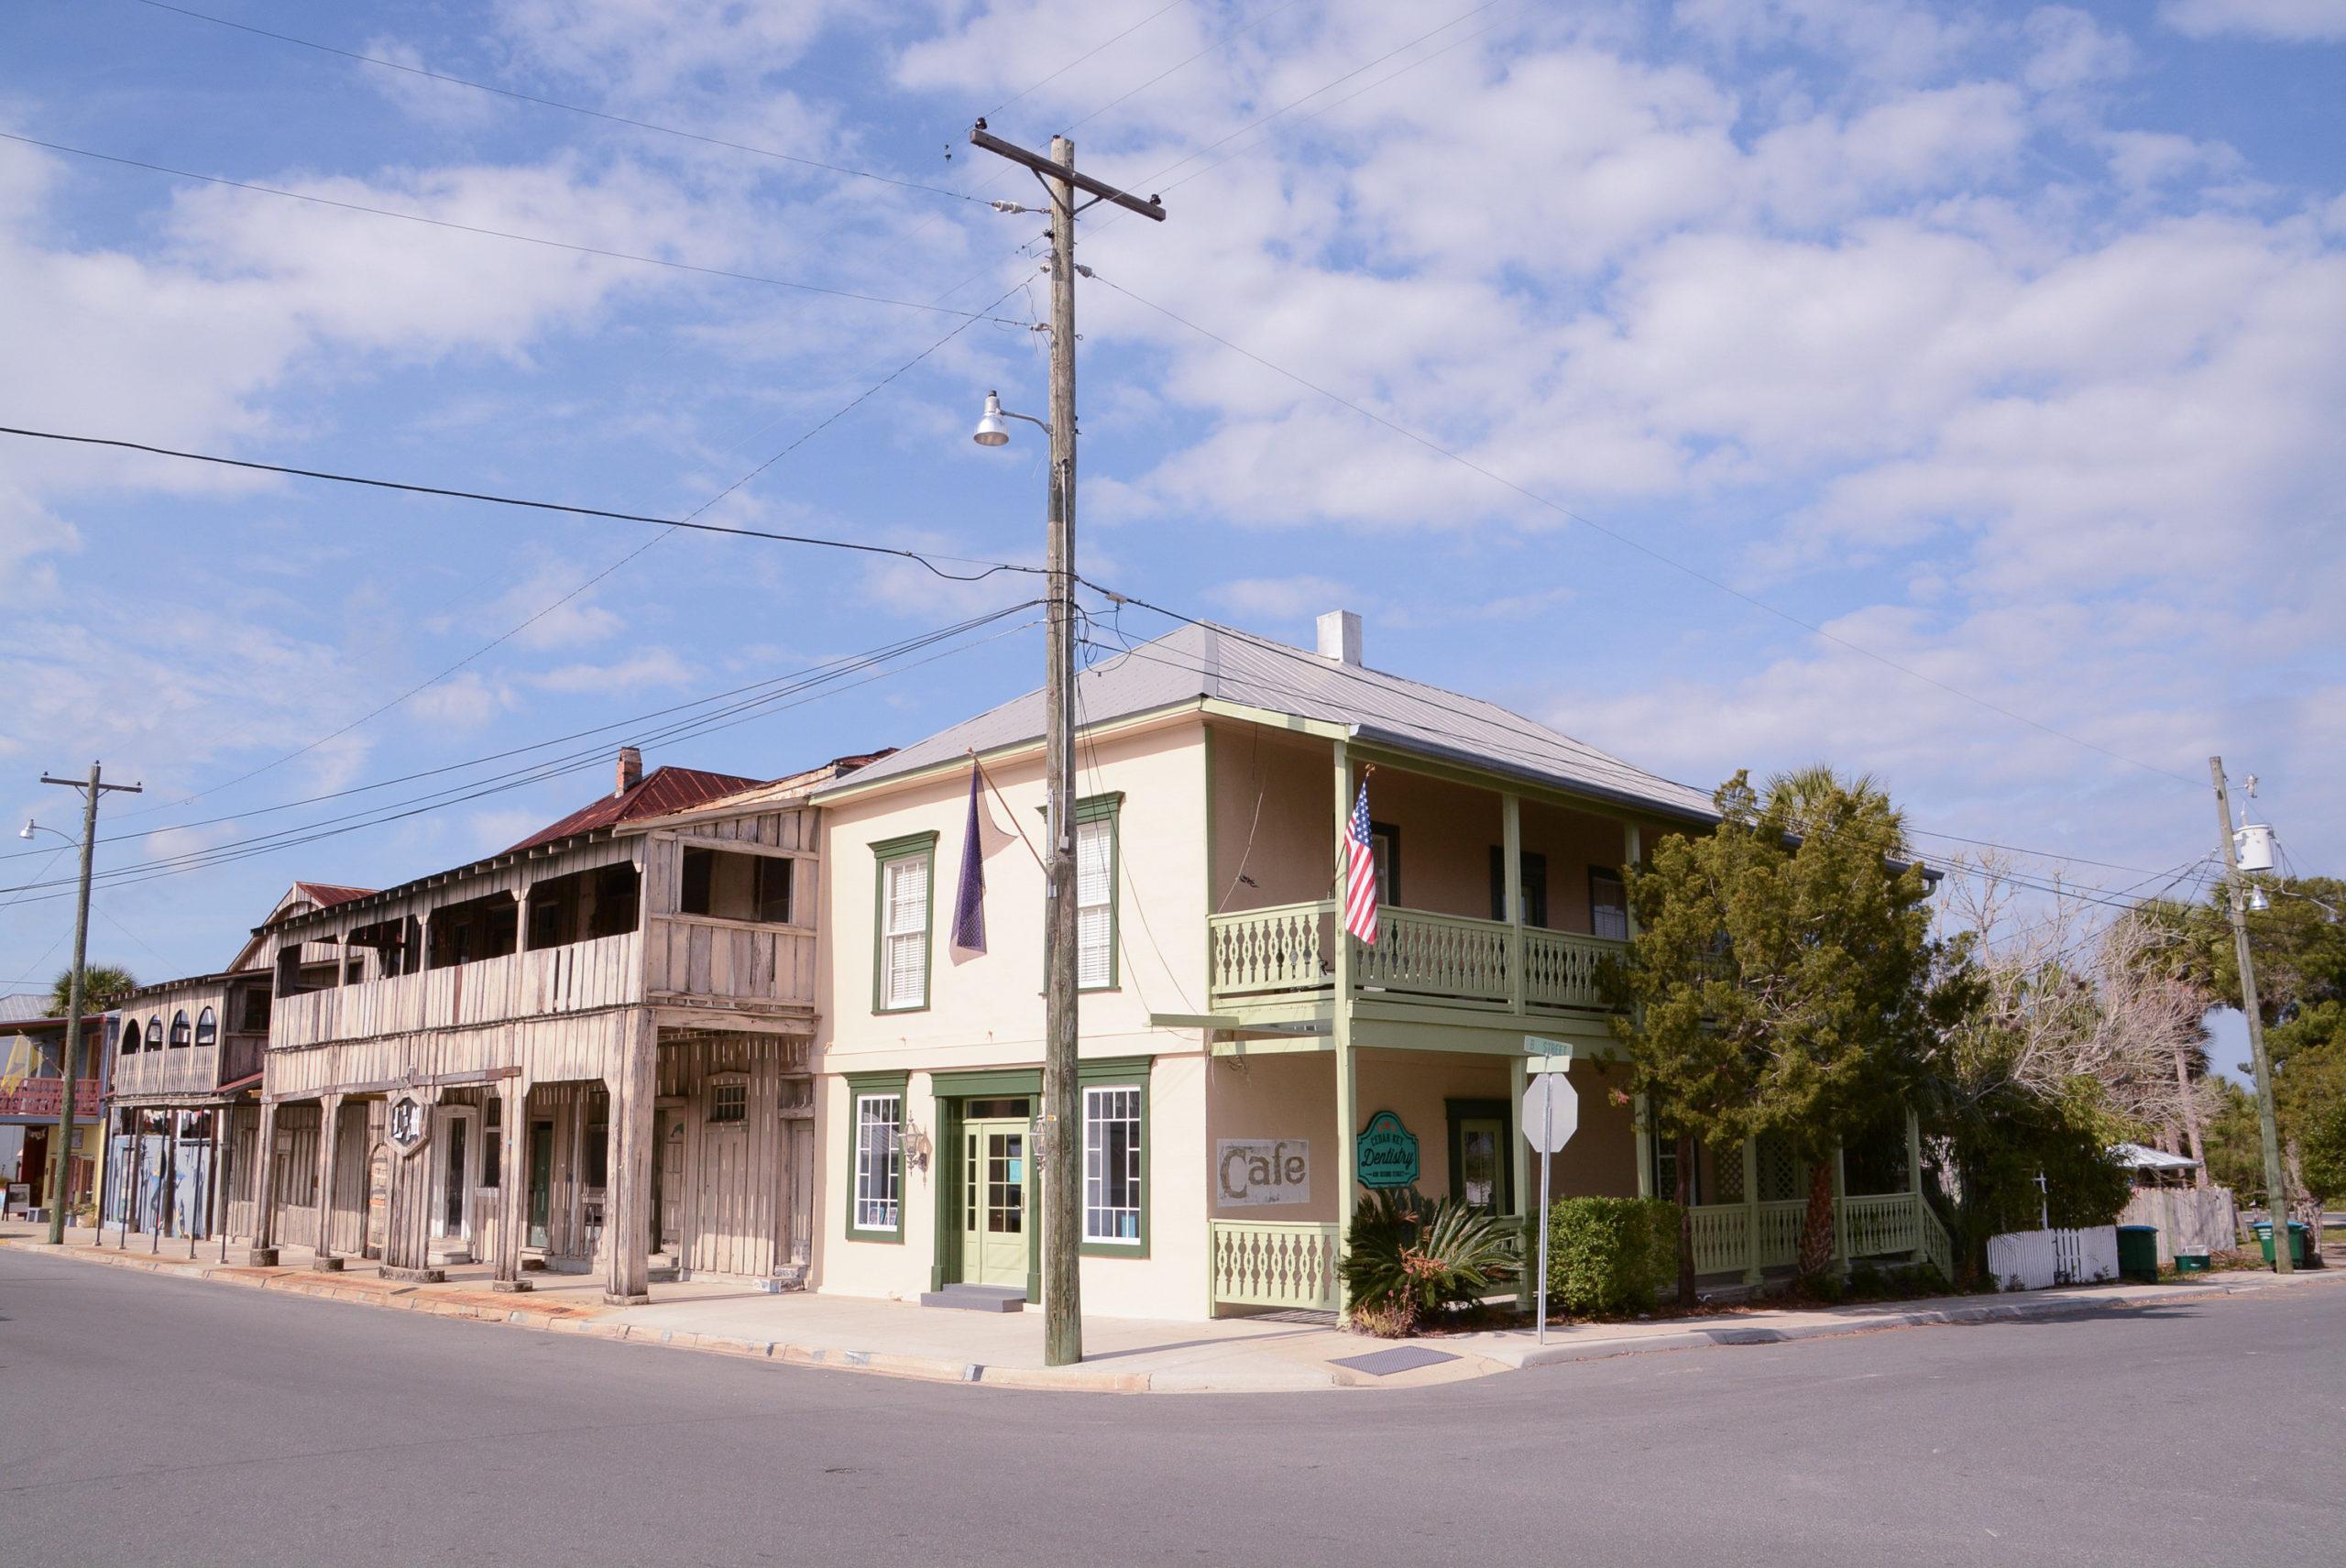 Ortsbild von Cedar Key mit Holzhäusern in Pastellfarben